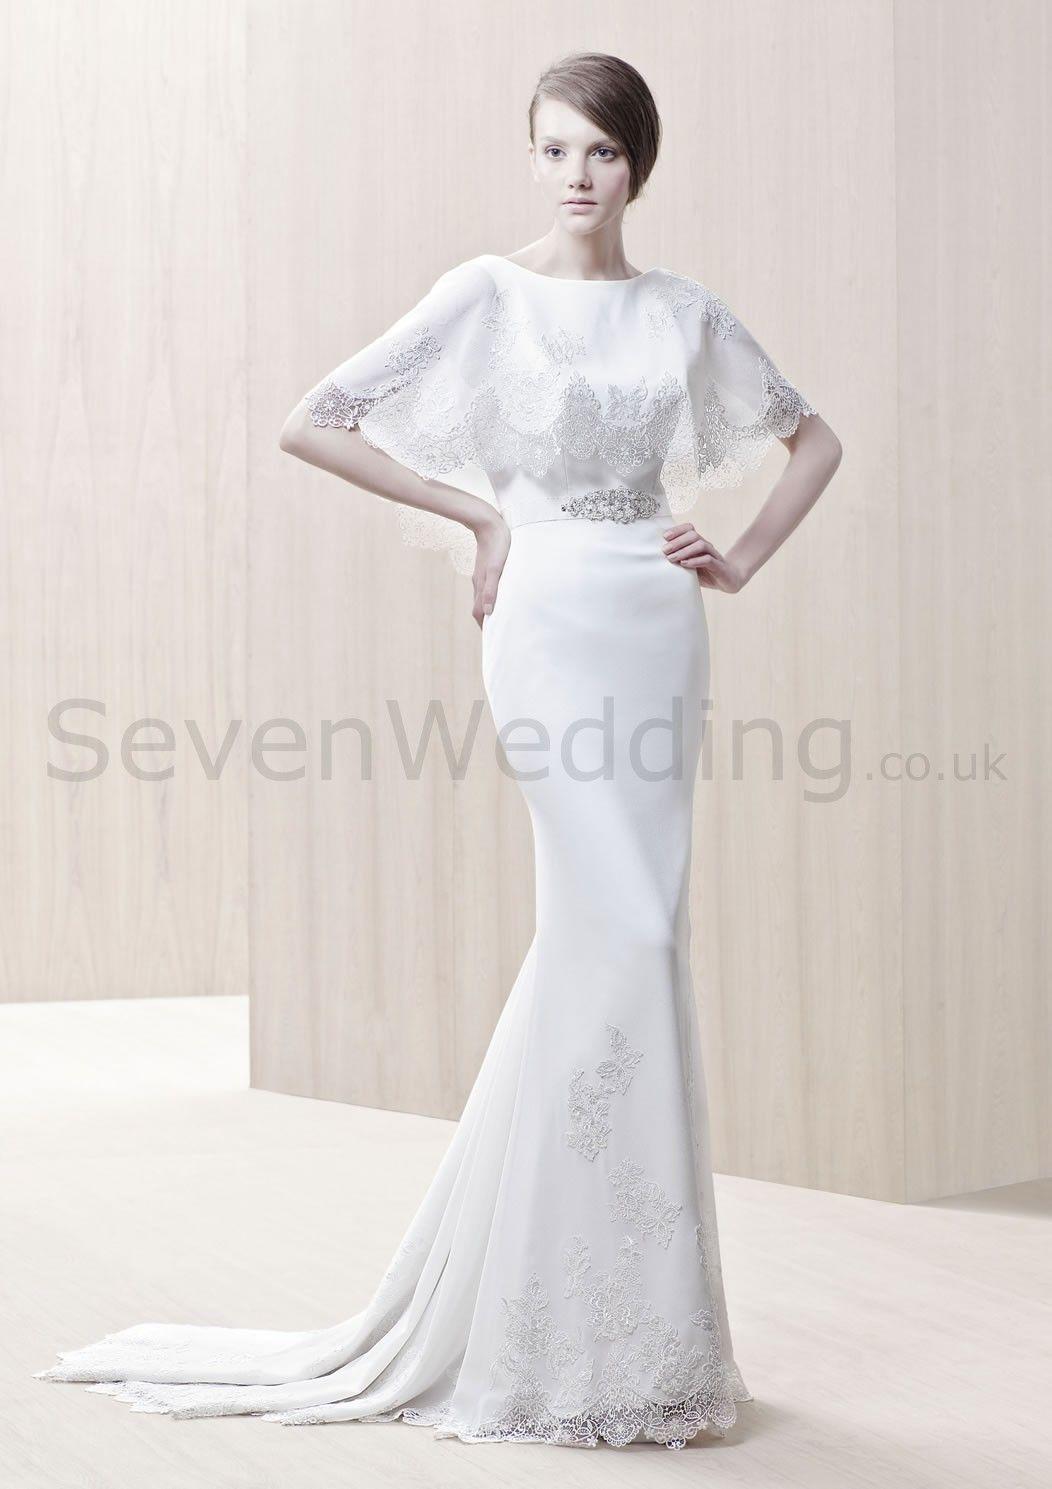 Chiffon low vback scalloped hemlace shealth wedding dress